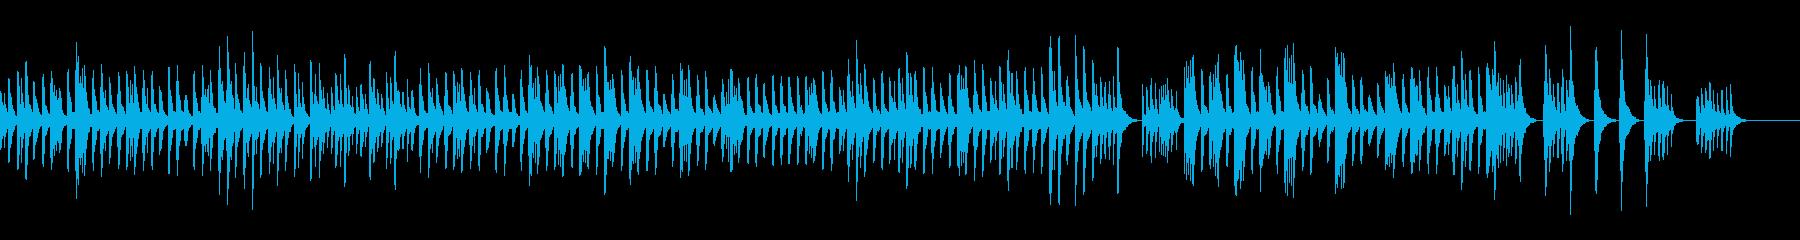 星の夜空のBGM/リラクゼーション/眠りの再生済みの波形